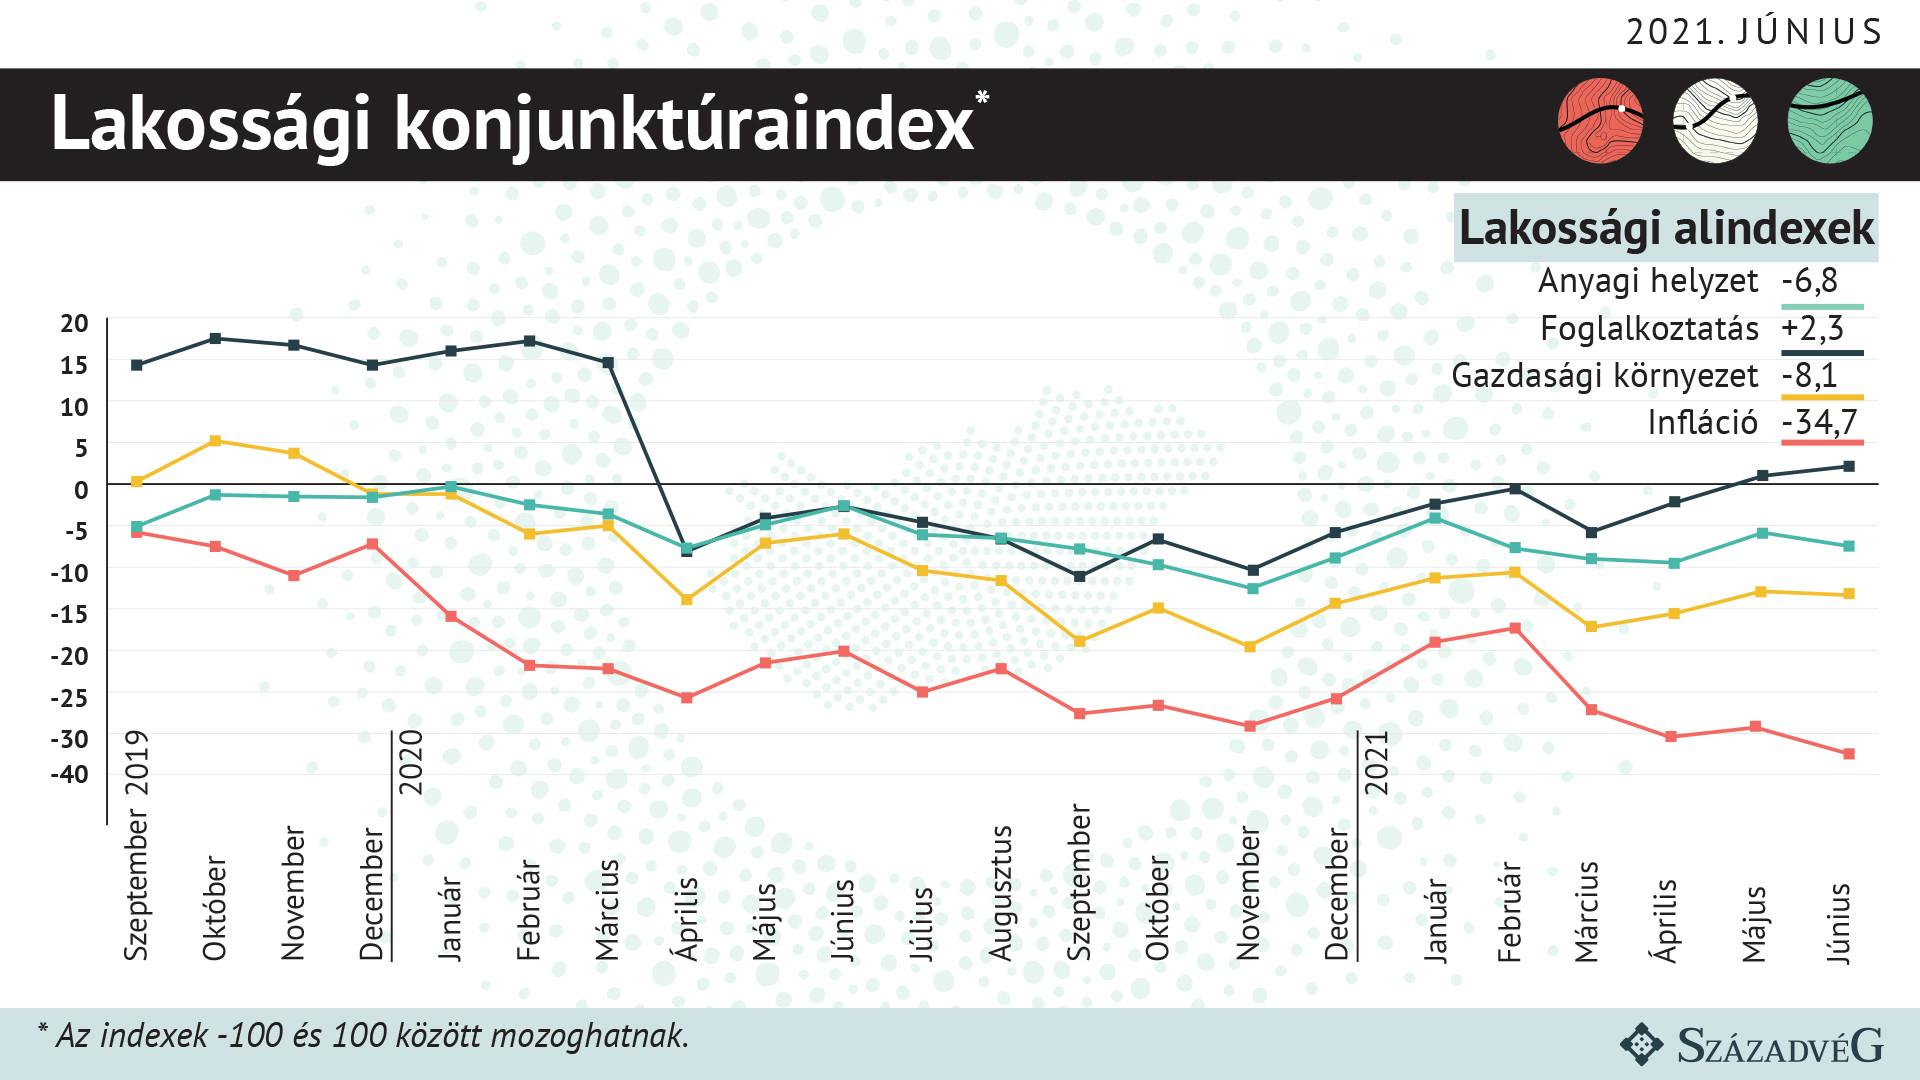 Így alakul a lakossági konjunktúraindex